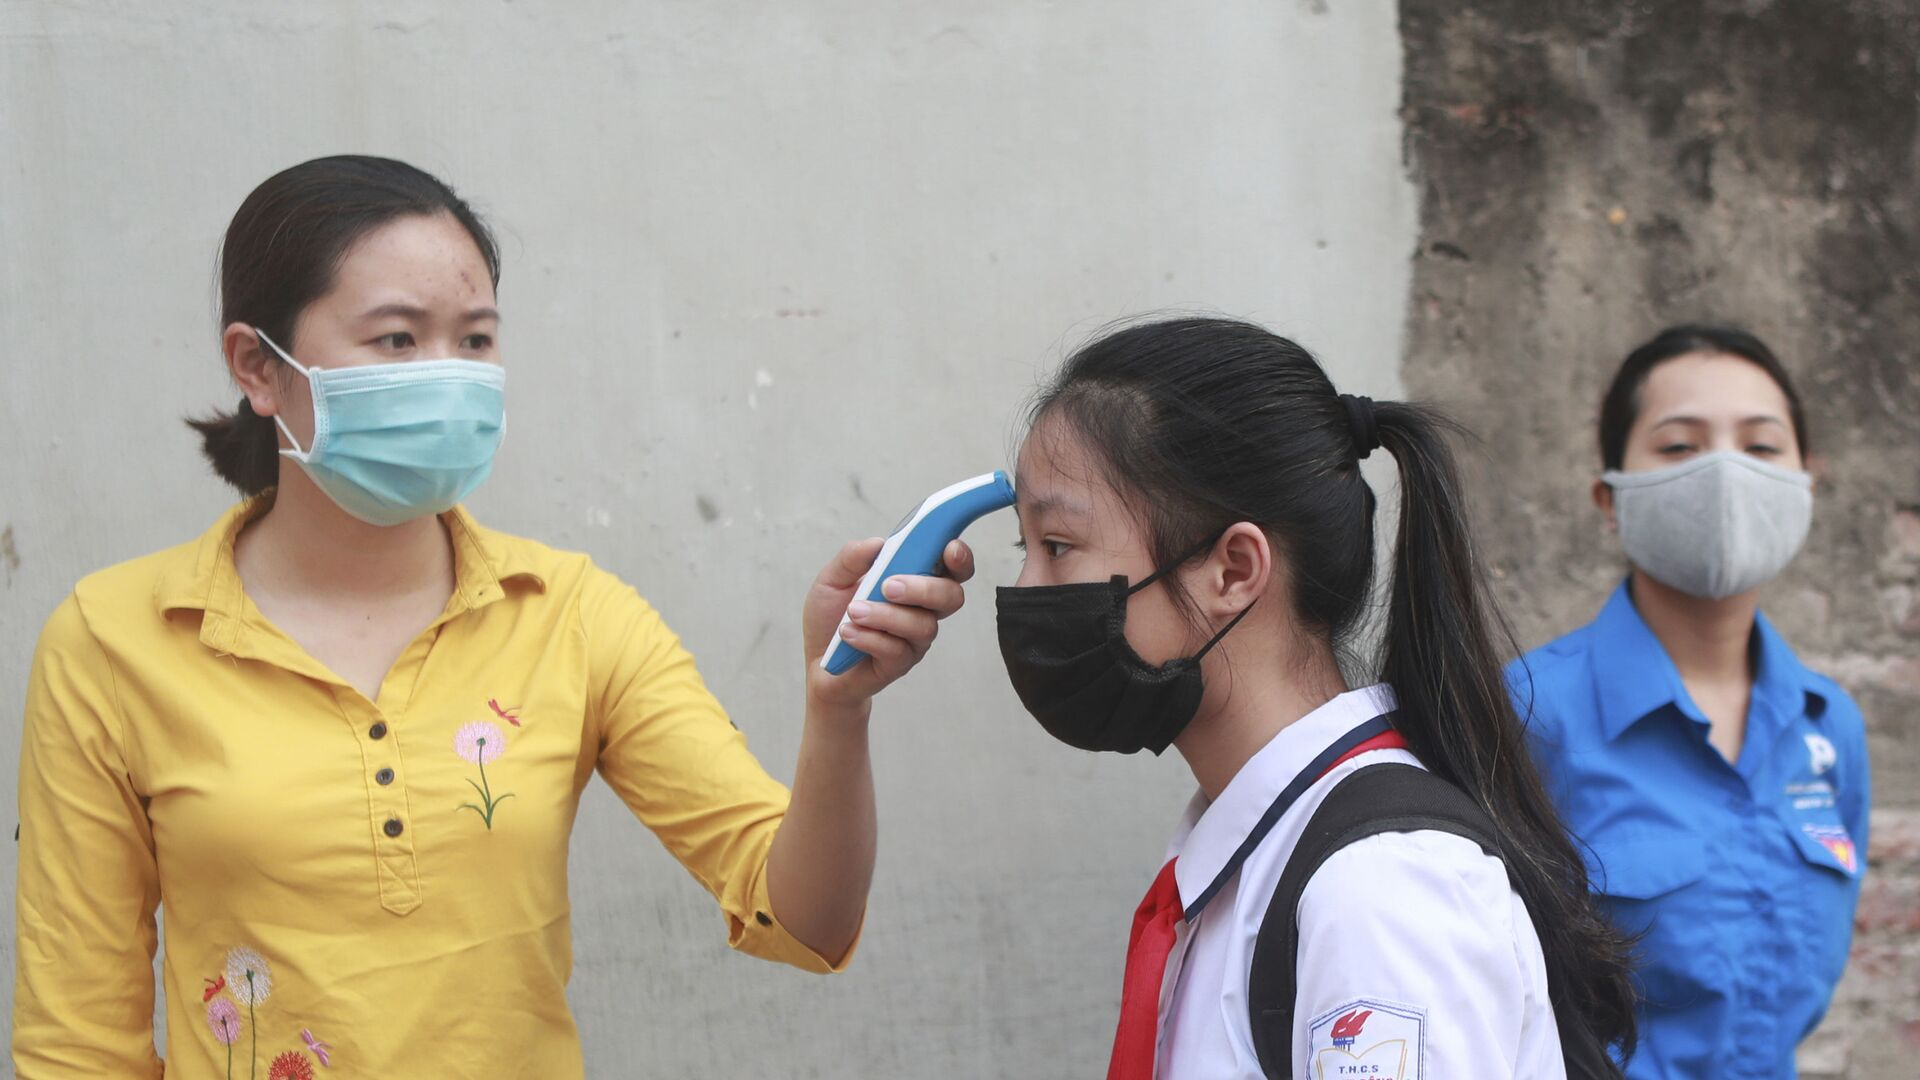 Kiểm tra nhiệt độ tại một trường trung học ở Hà Nội, Việt Nam. - Sputnik Việt Nam, 1920, 03.05.2021